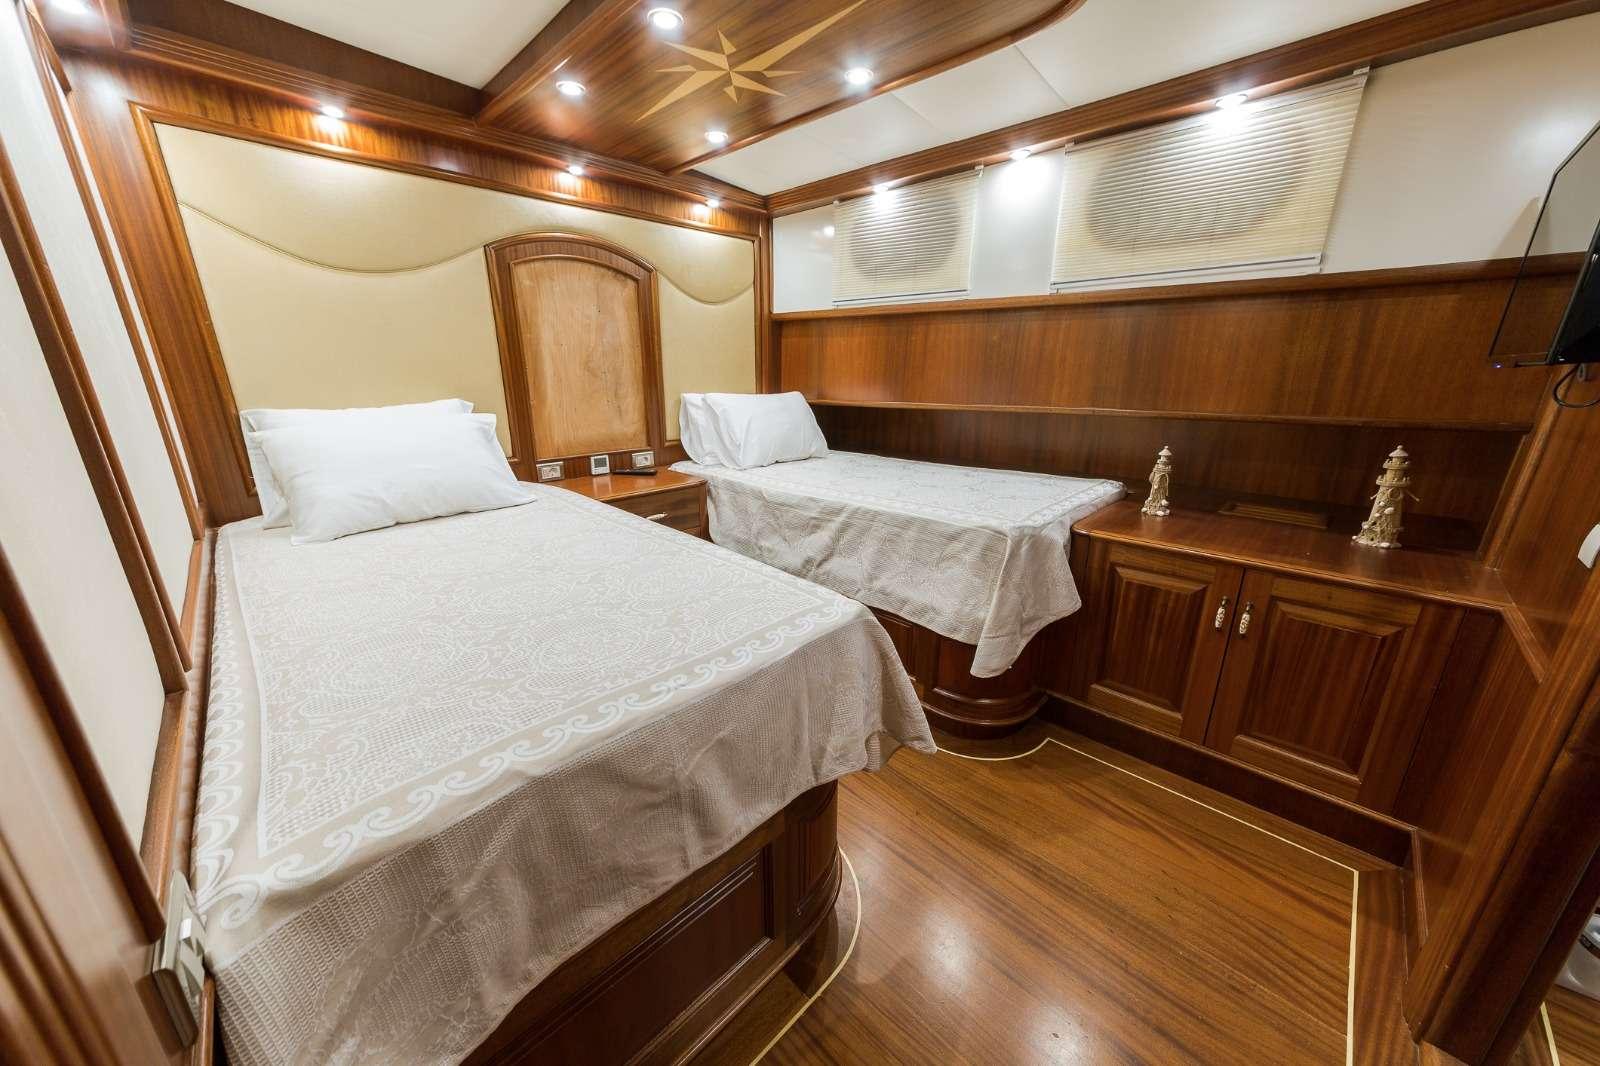 HALCON DEL MAR yacht image # 17